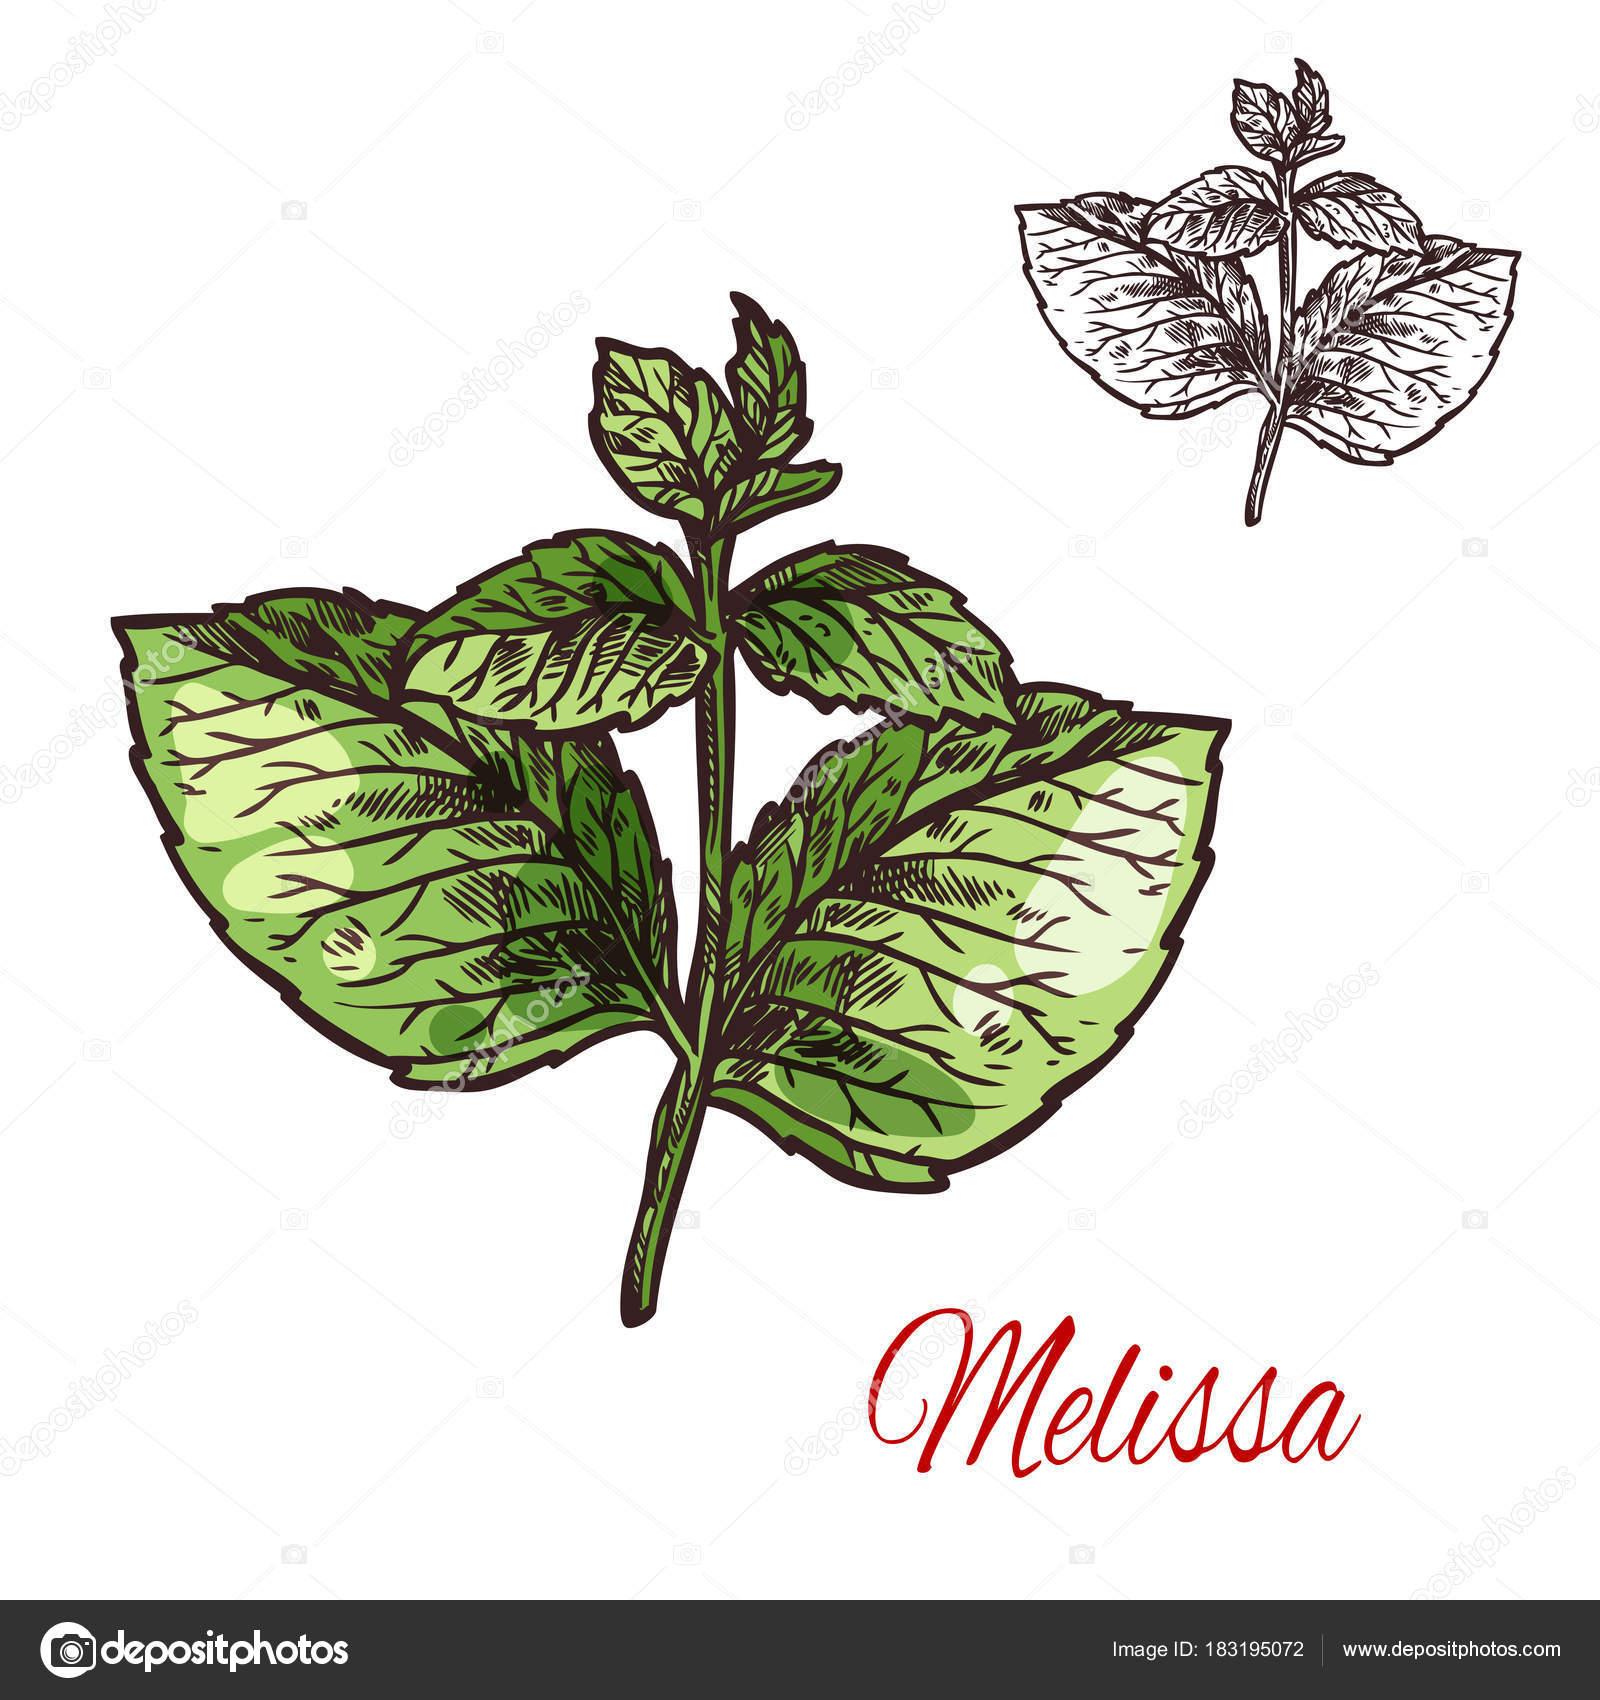 croquis de feuille melissa de plante médicinale et d'arôme herbe